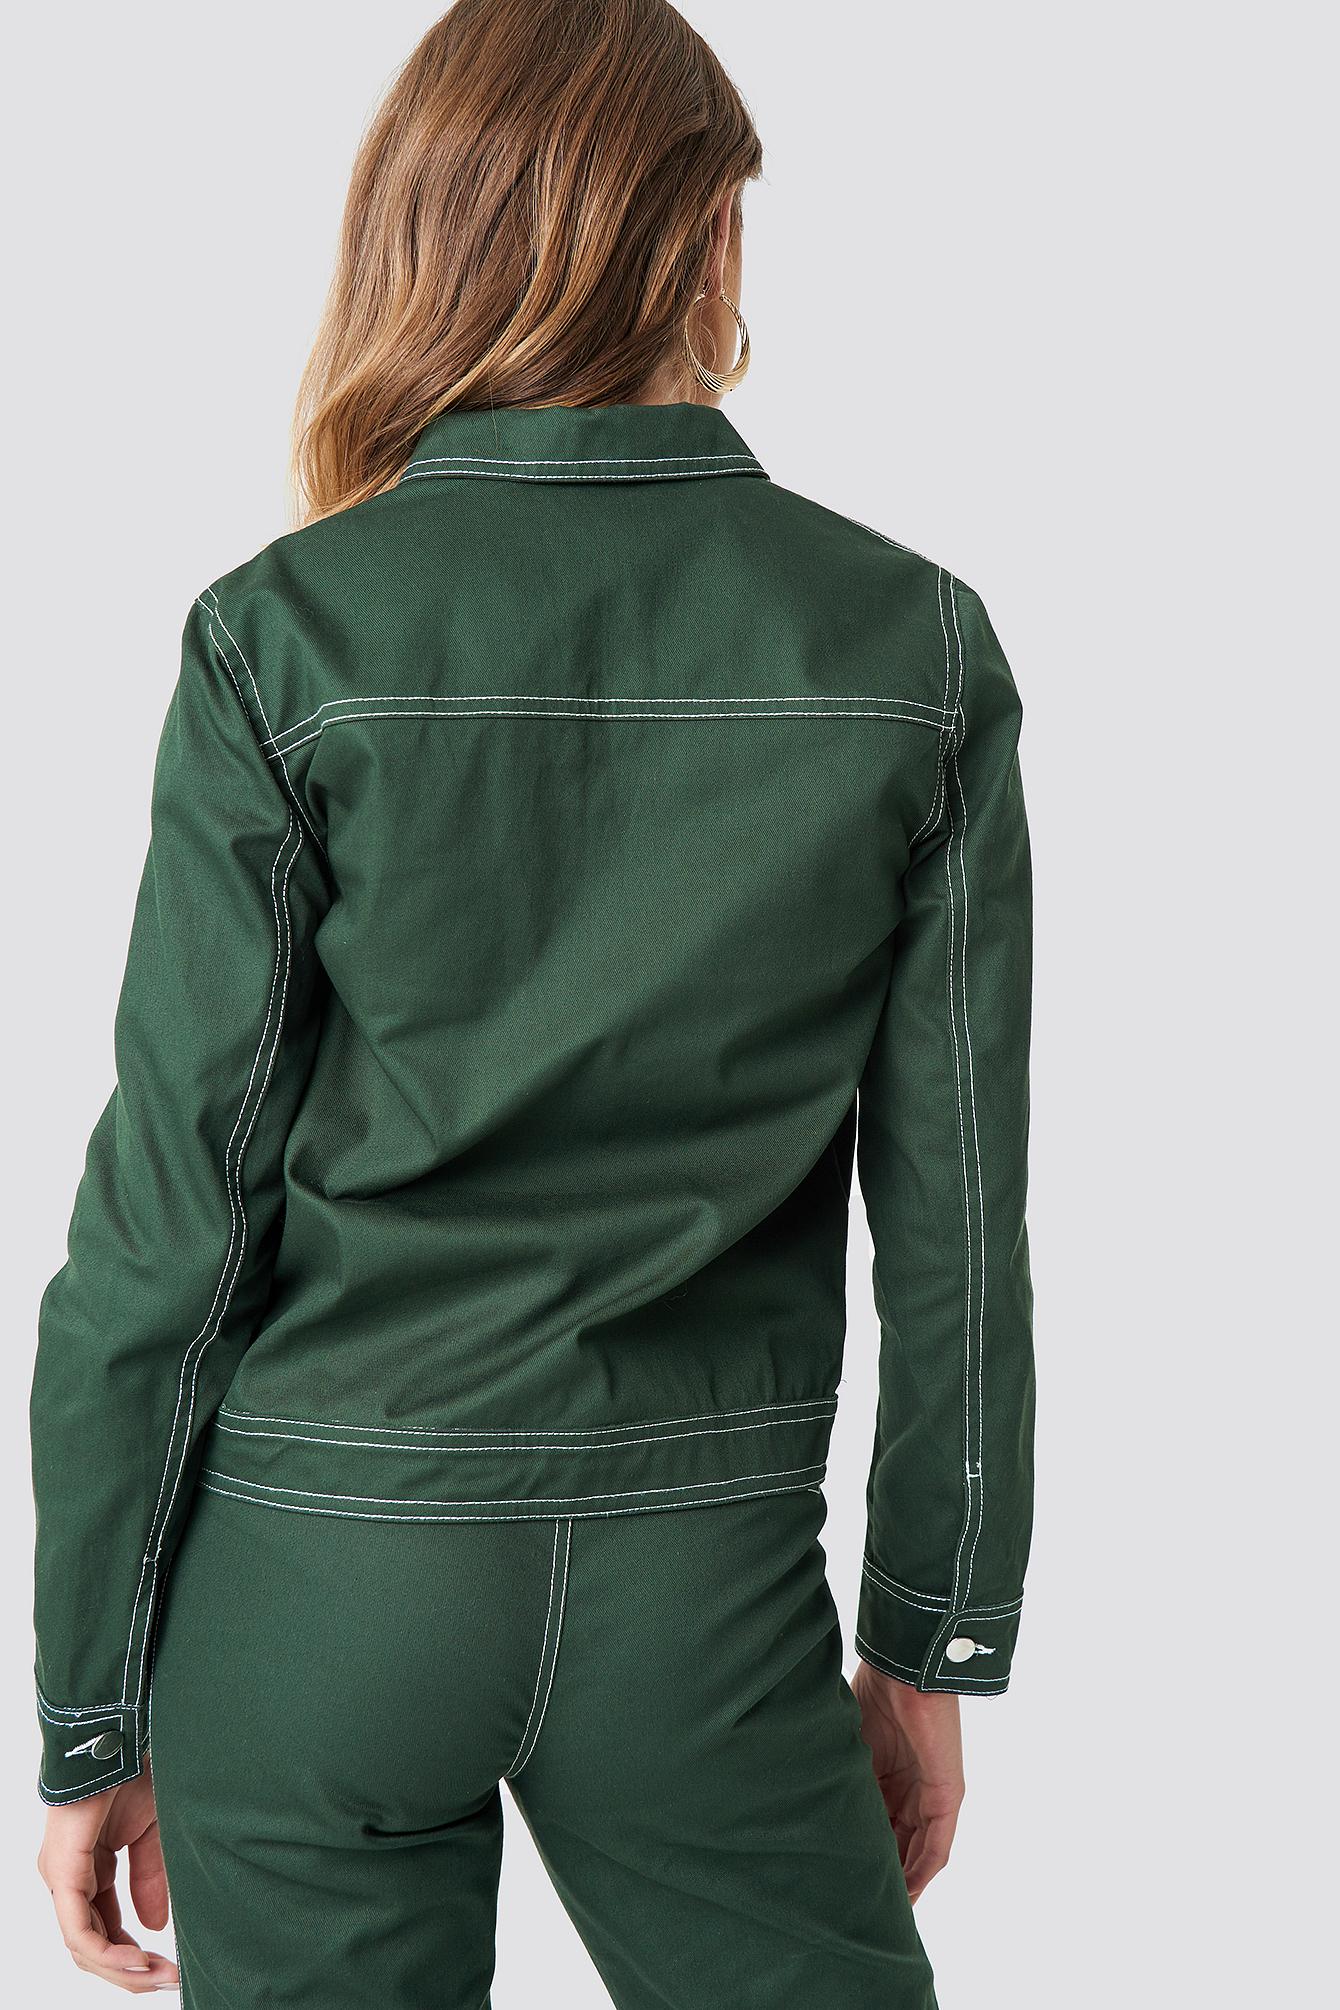 Fauna Jacket NA-KD.COM